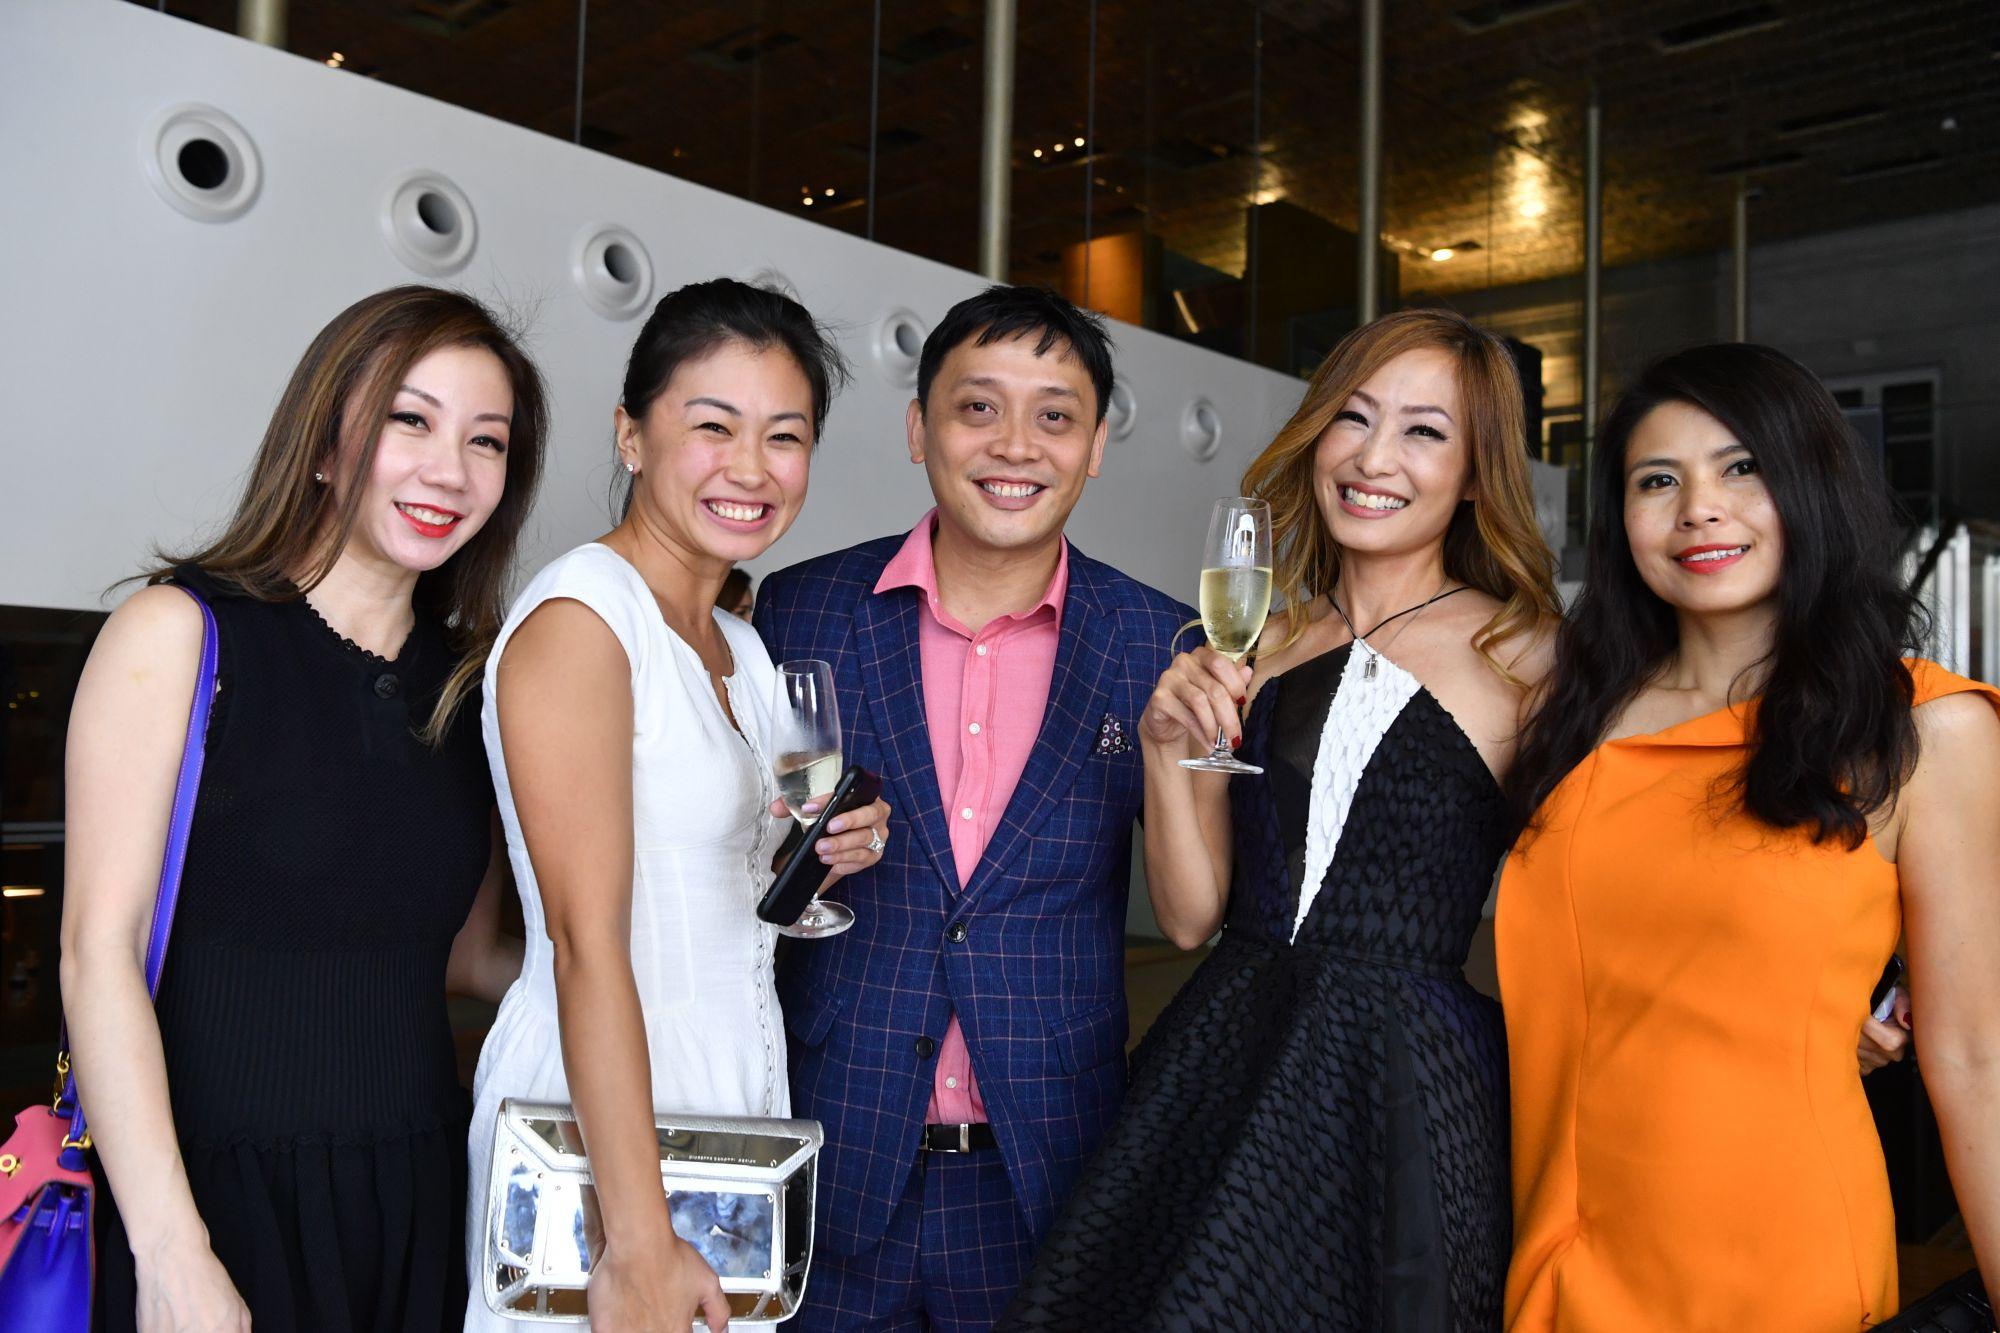 Alicia Loke, Jasmine Tan, Chan Kwai Sum, Tan Min-Li, Marilyn Lum